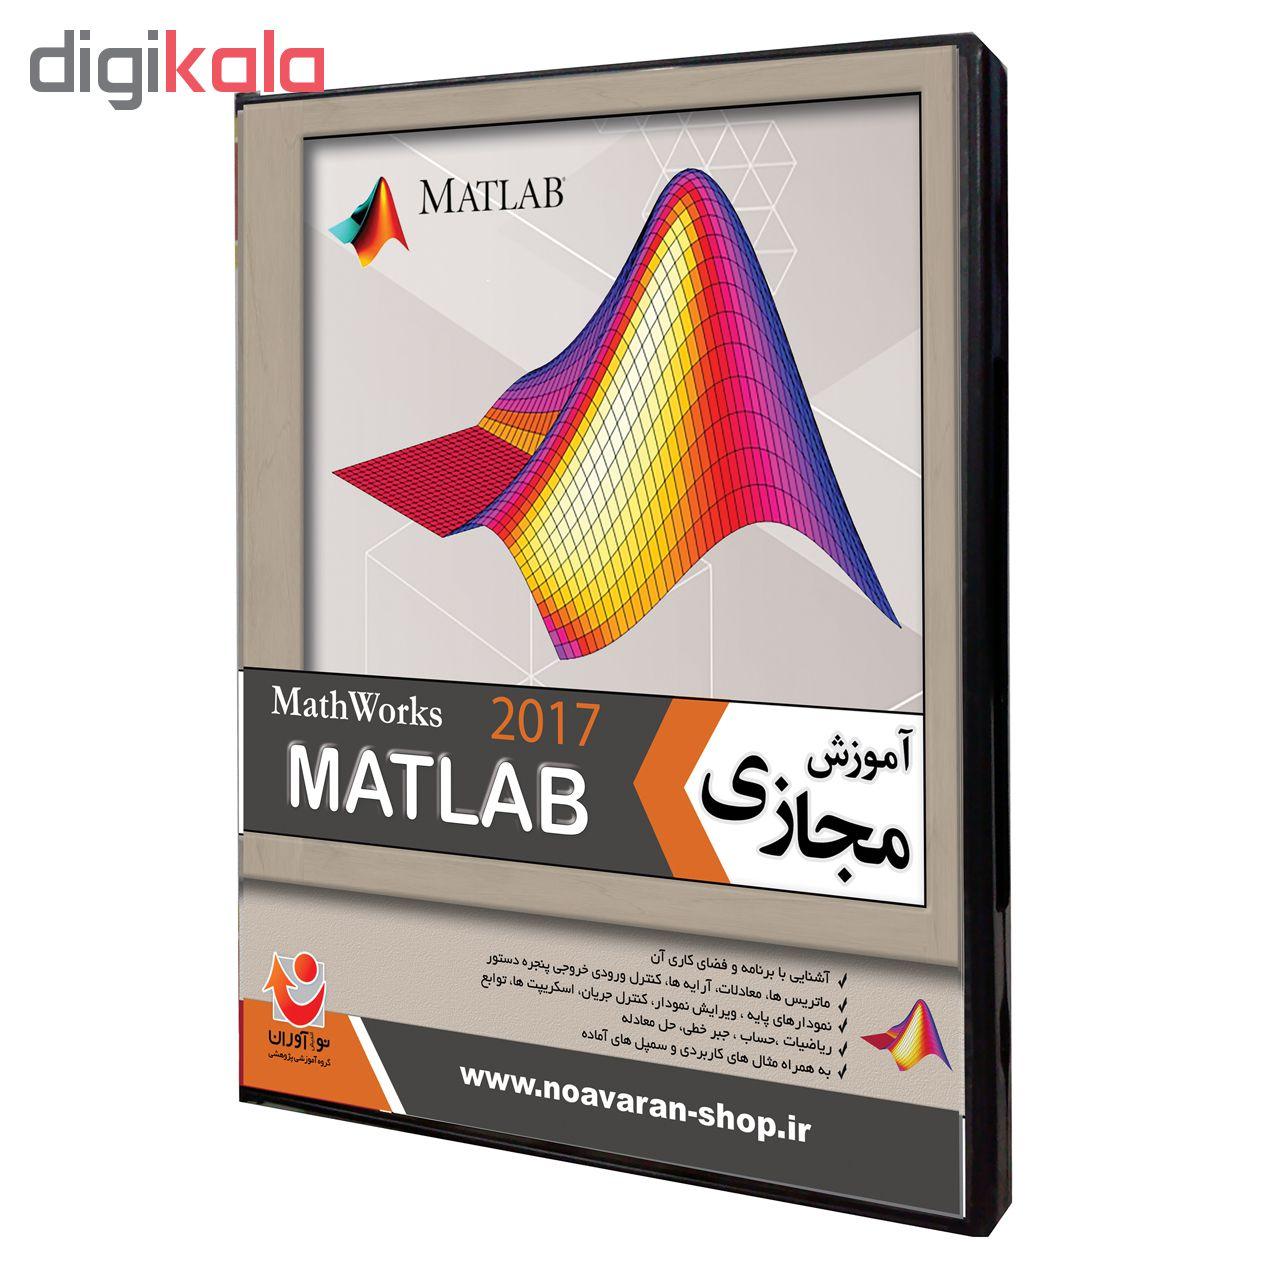 نرم افزار آموزش جامع Matlab 2017